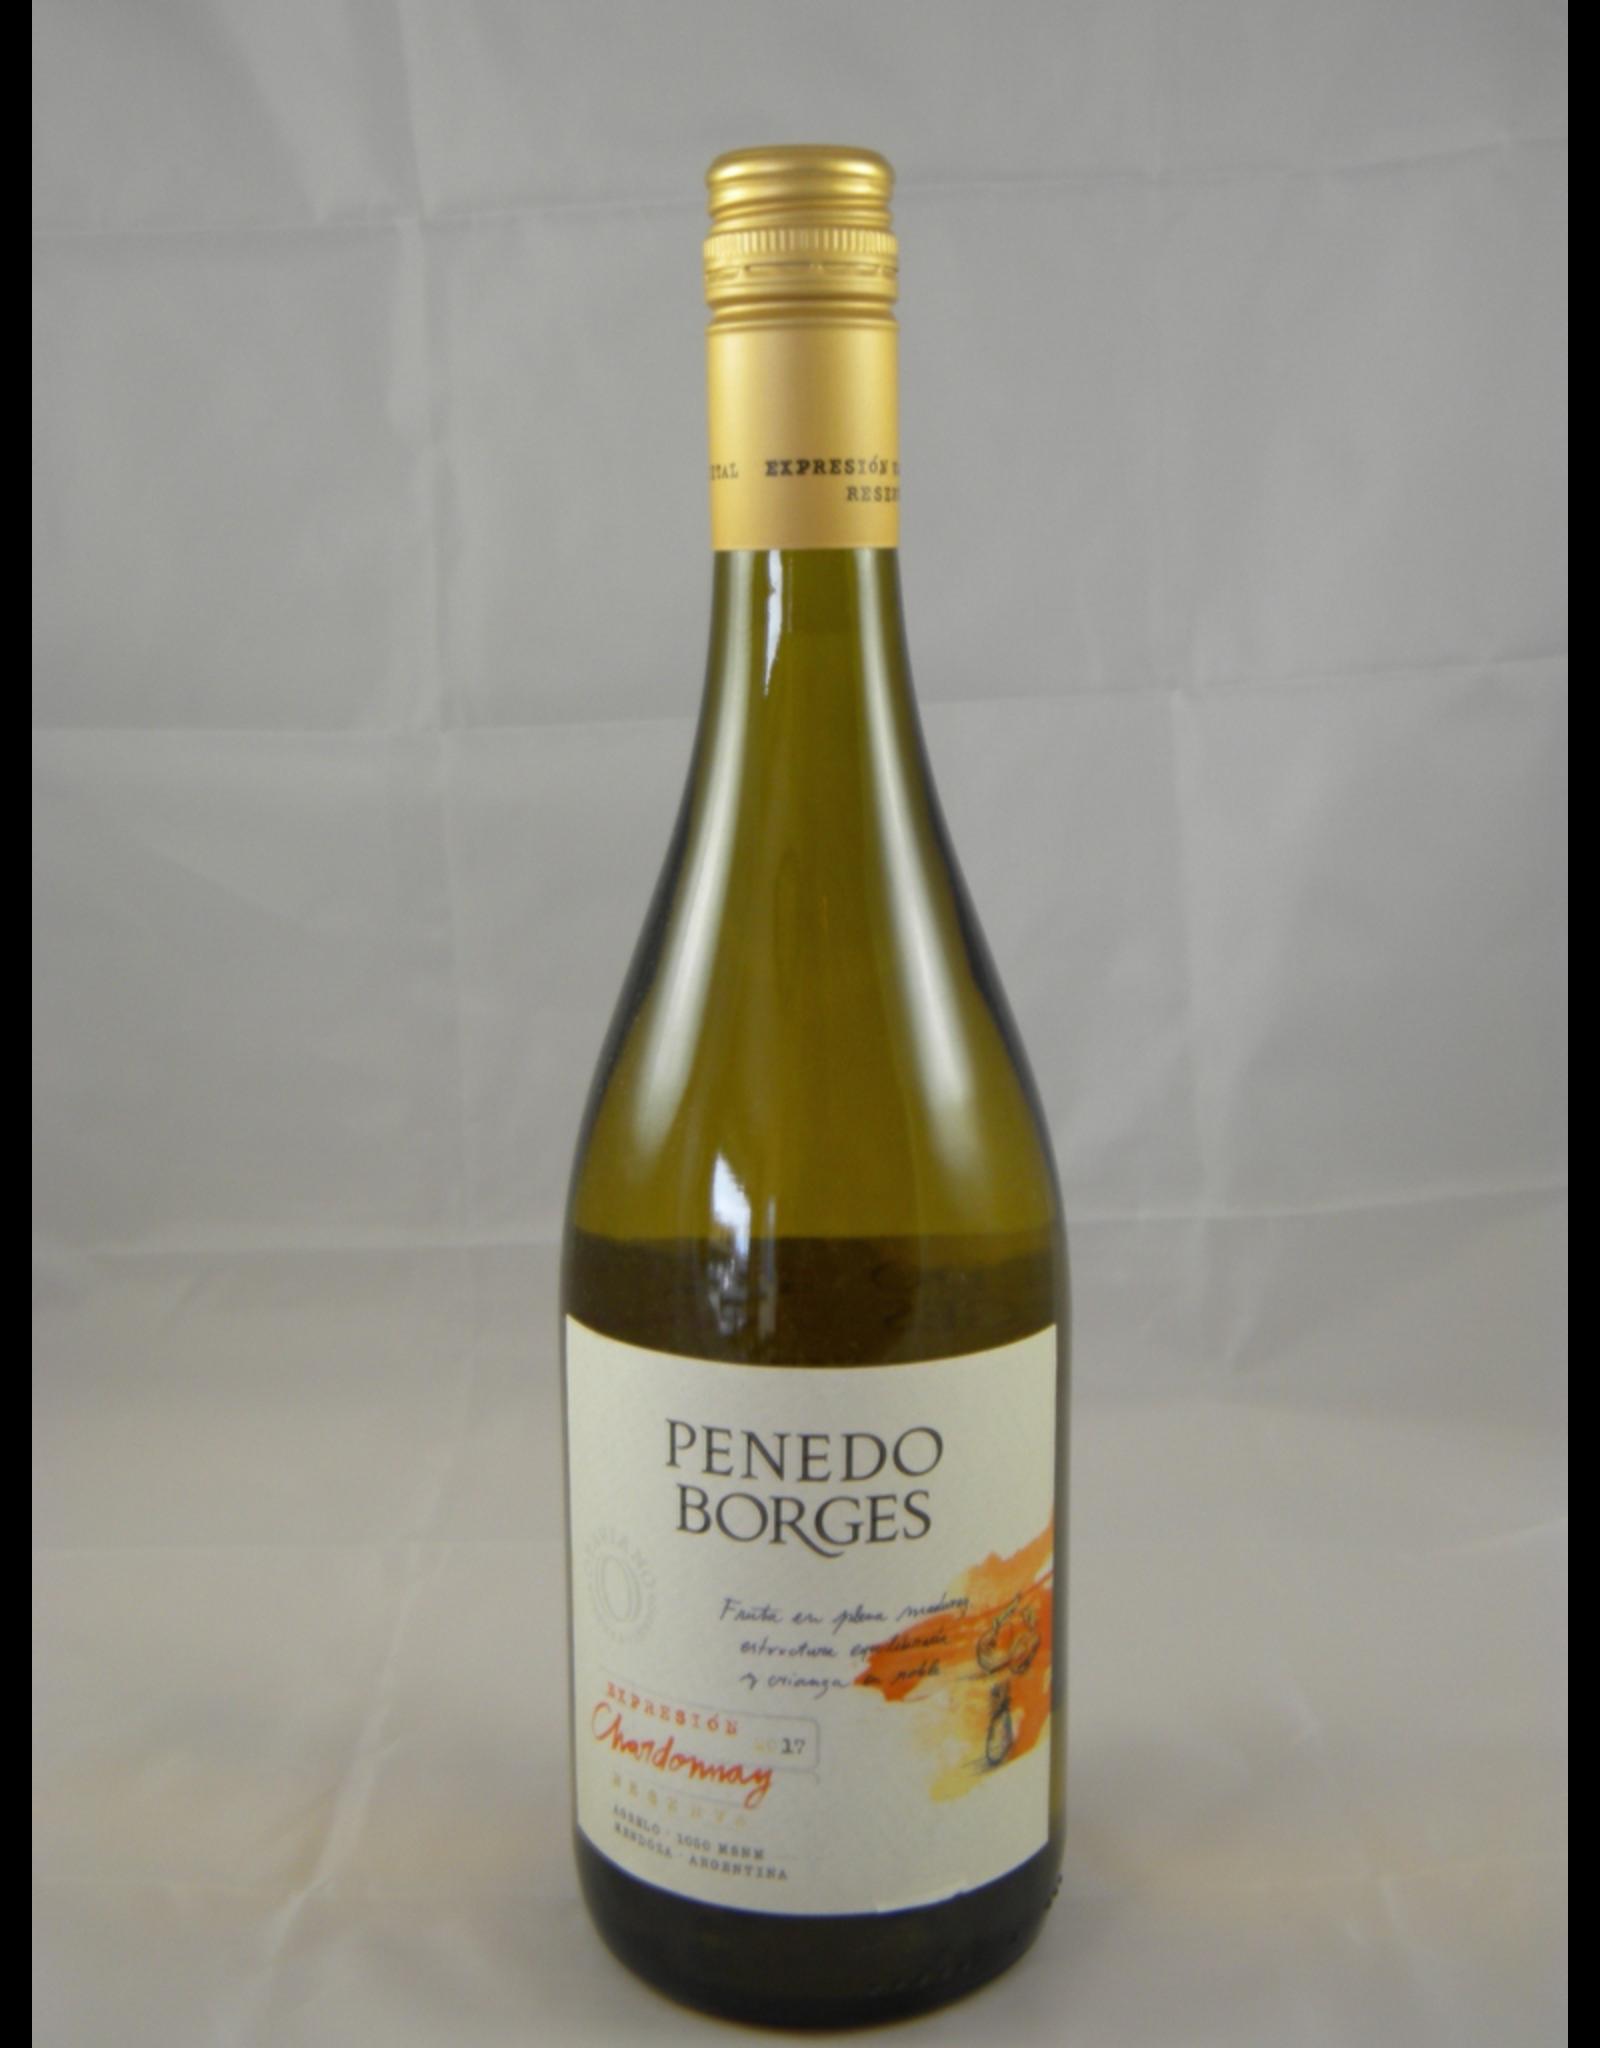 Borges Penedo Borges Chardonnay Mendoza Expresion 2017